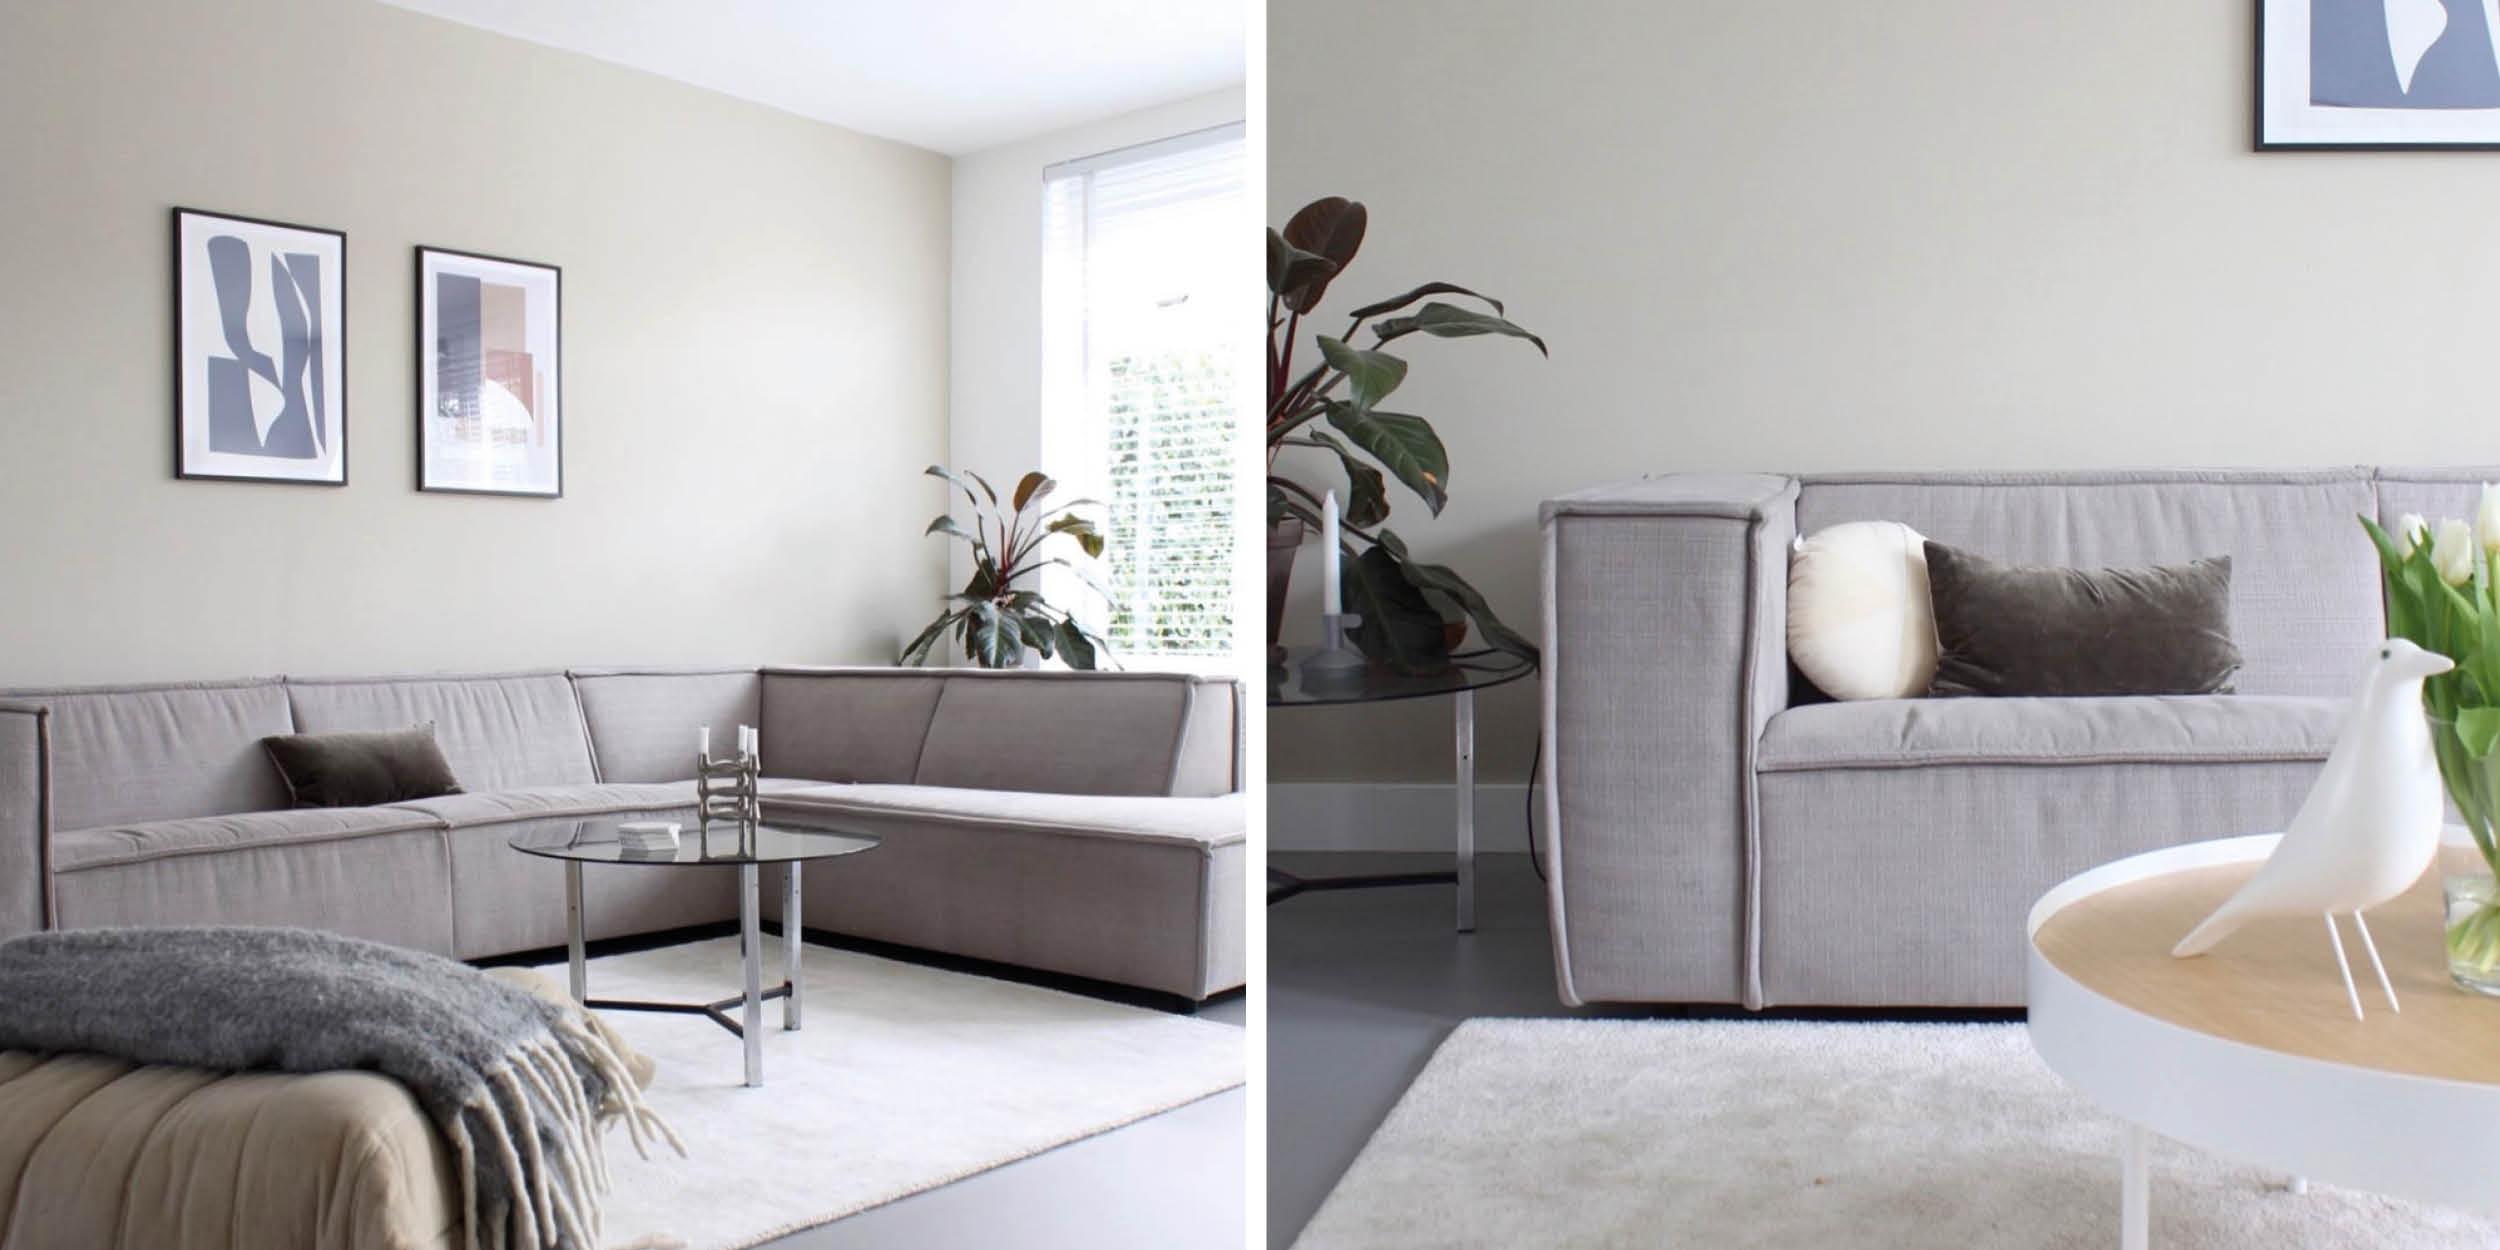 Mooie Design Bankstellen.Op De Bank Met Interieurblogger Sonja Van Zusinterieur Blog By